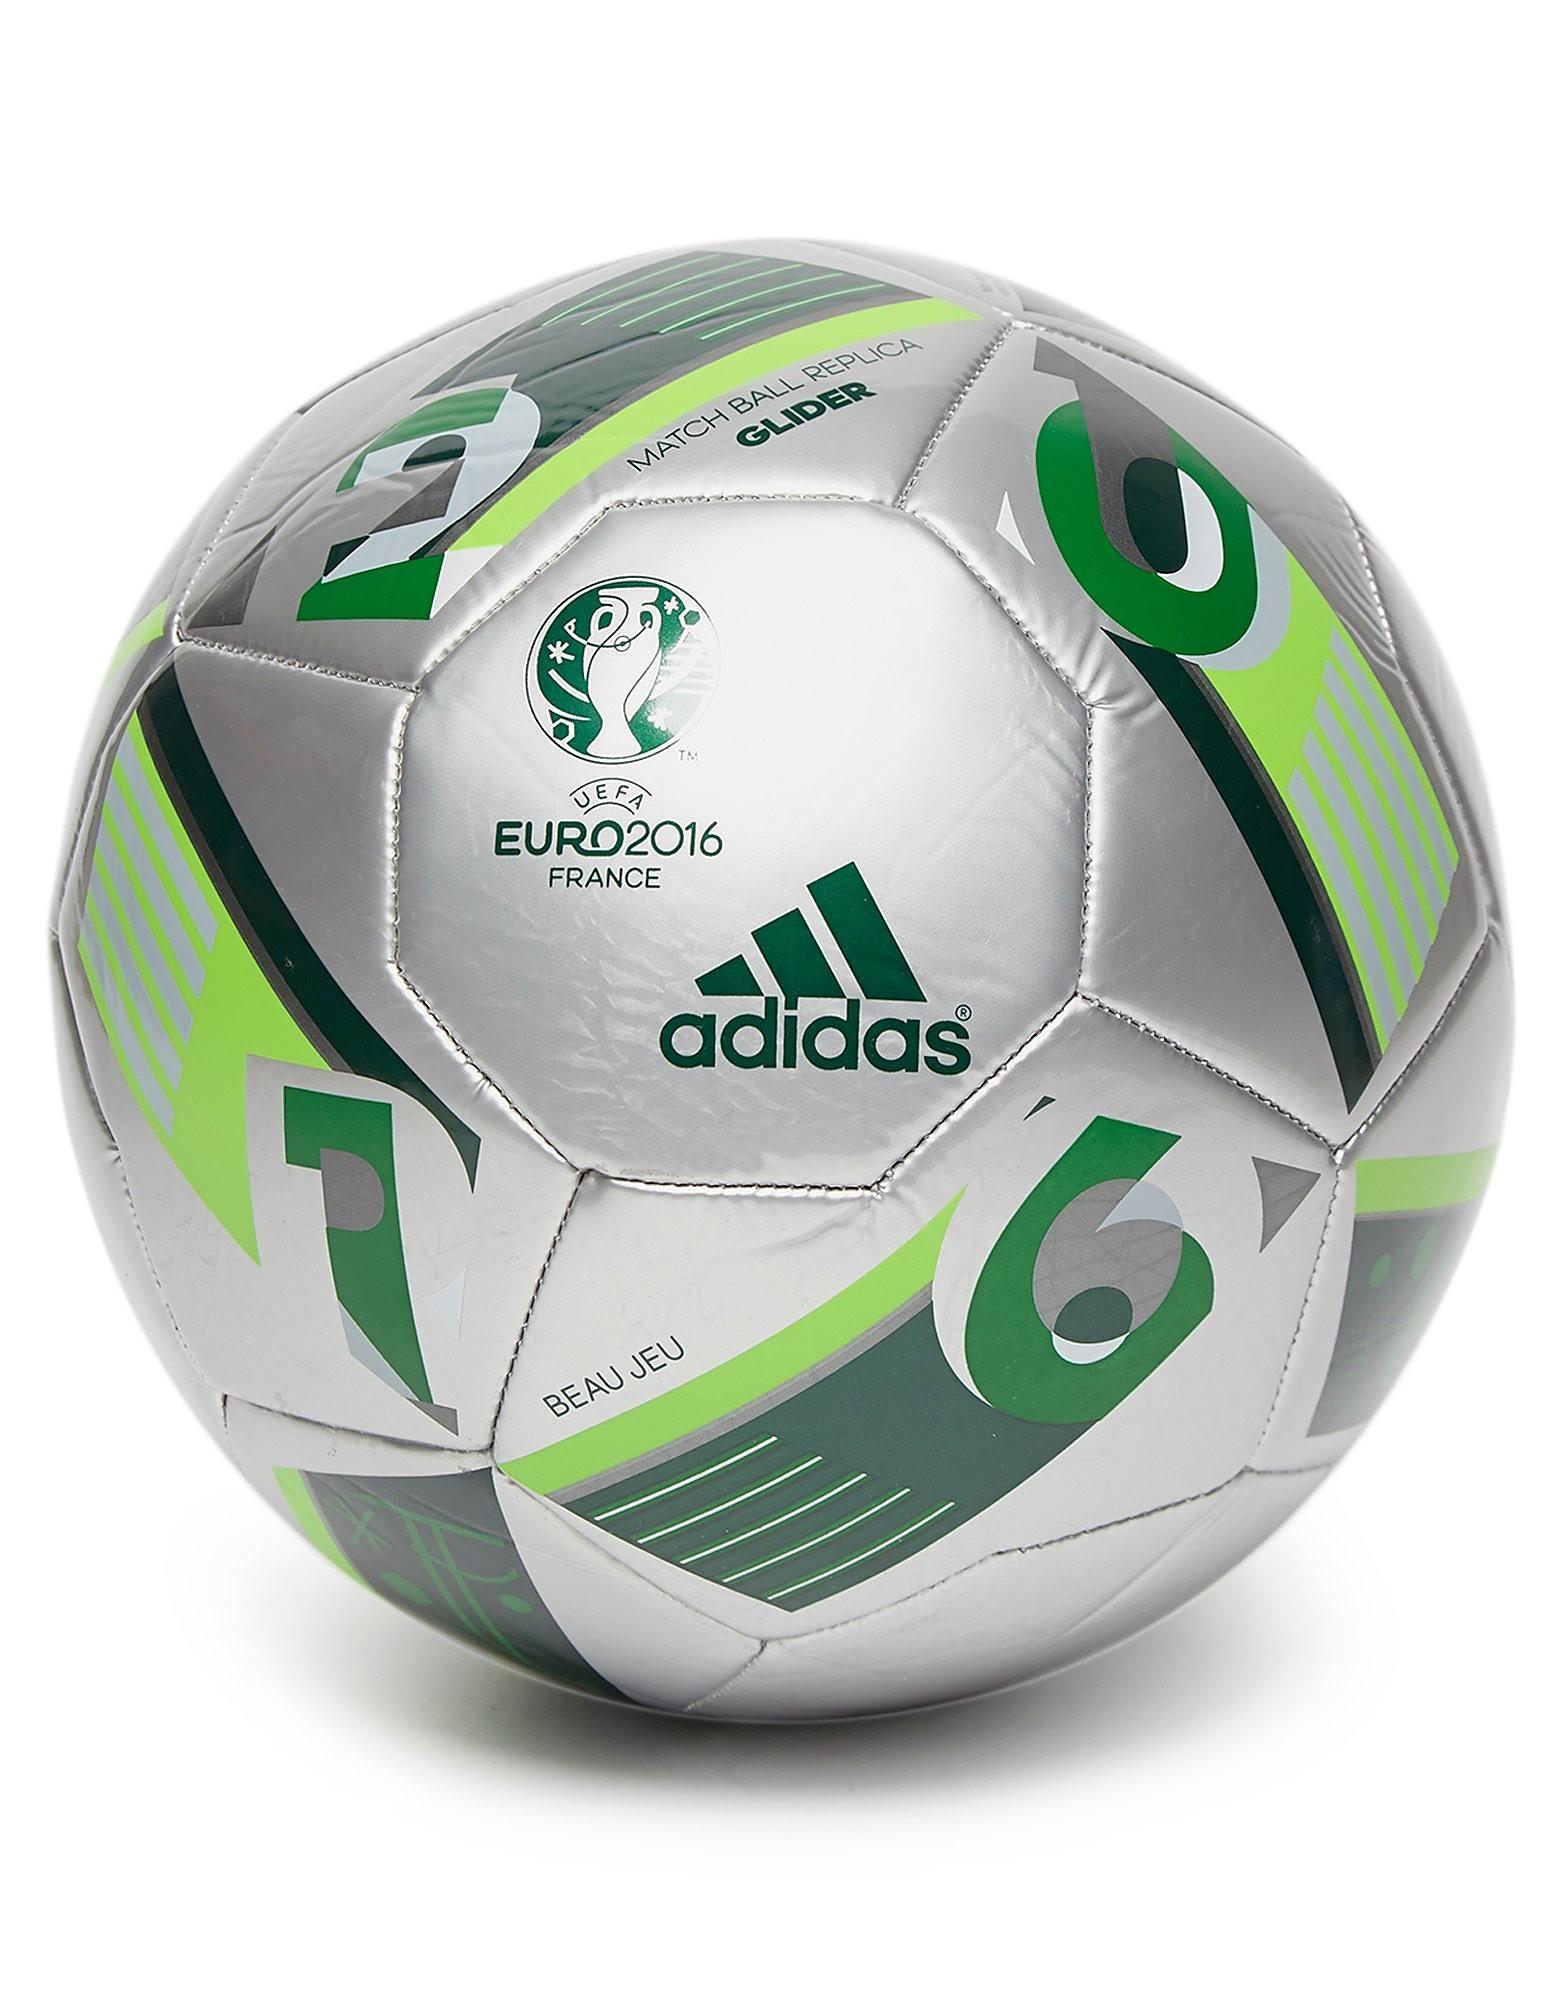 adidas Euro 2016 Glider Fußball